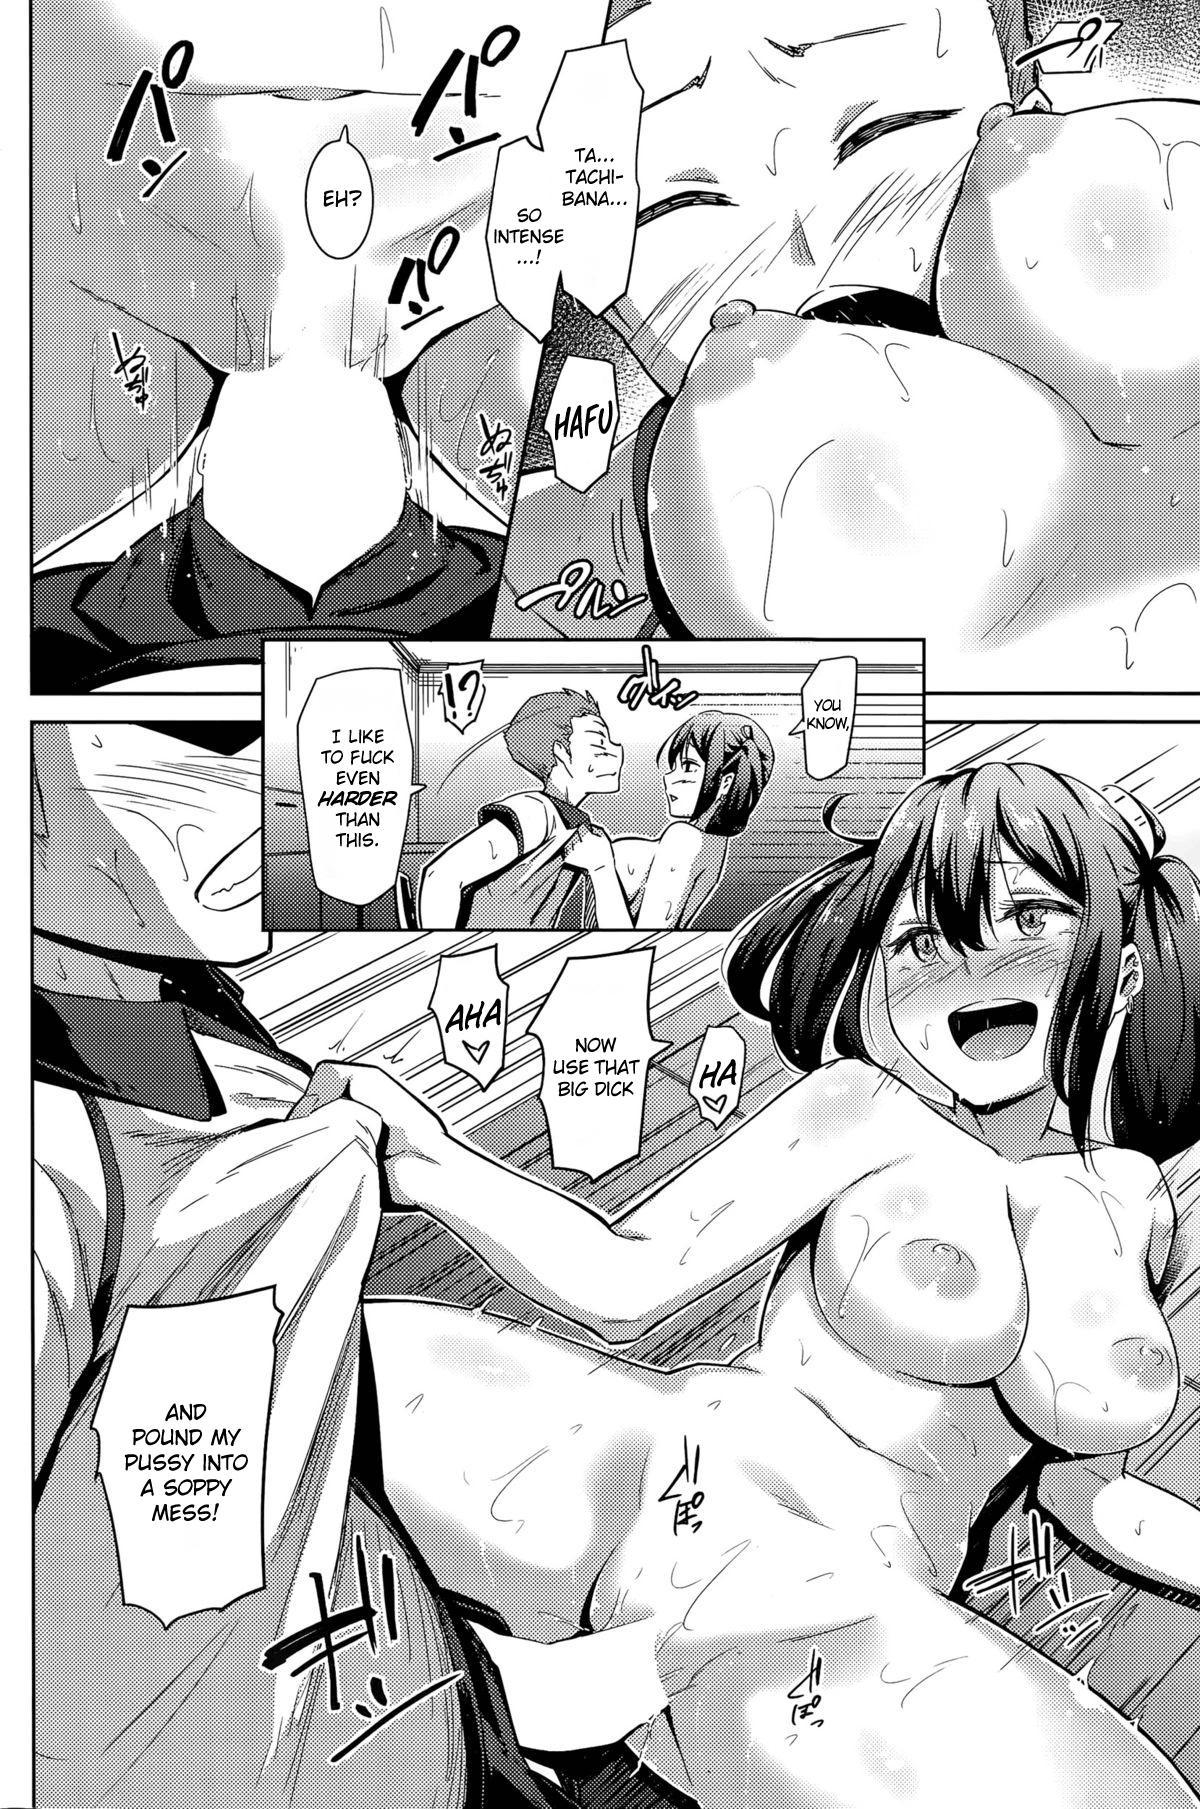 [Kemuri Haku] Muchi Bitch - The Stupid O-manko (COMIC Shitsurakuten 2015-10) [English] [Dammon] 9